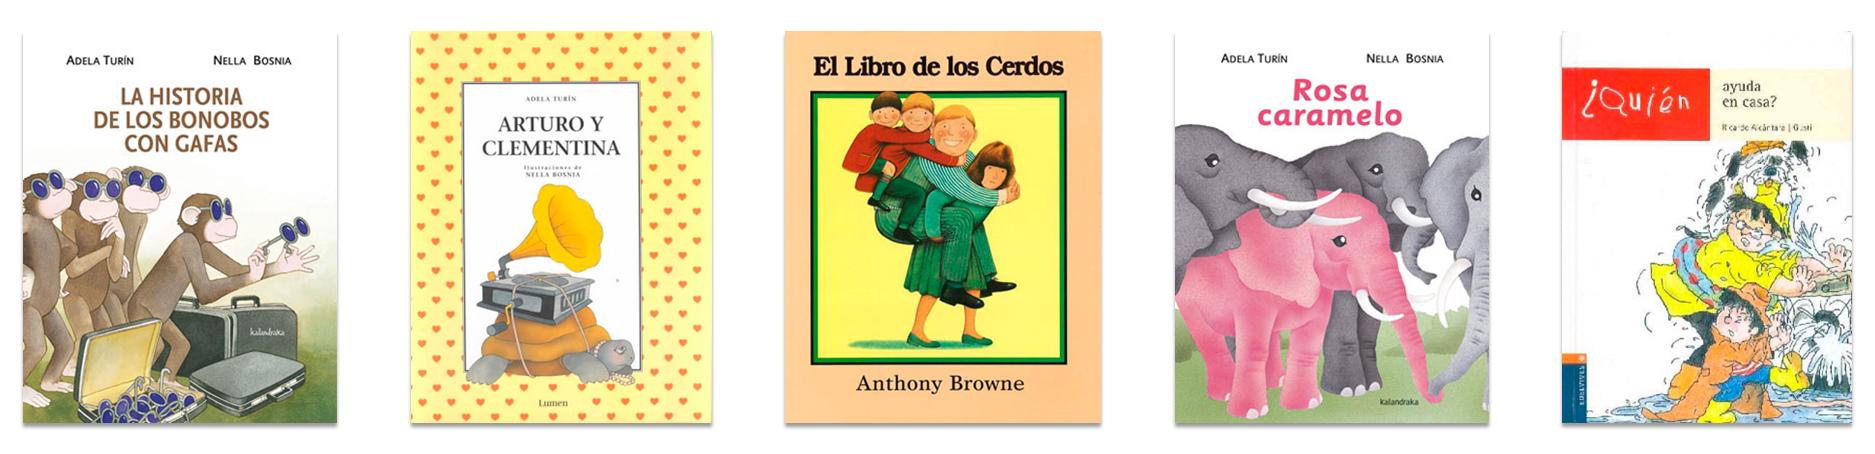 Libros-01